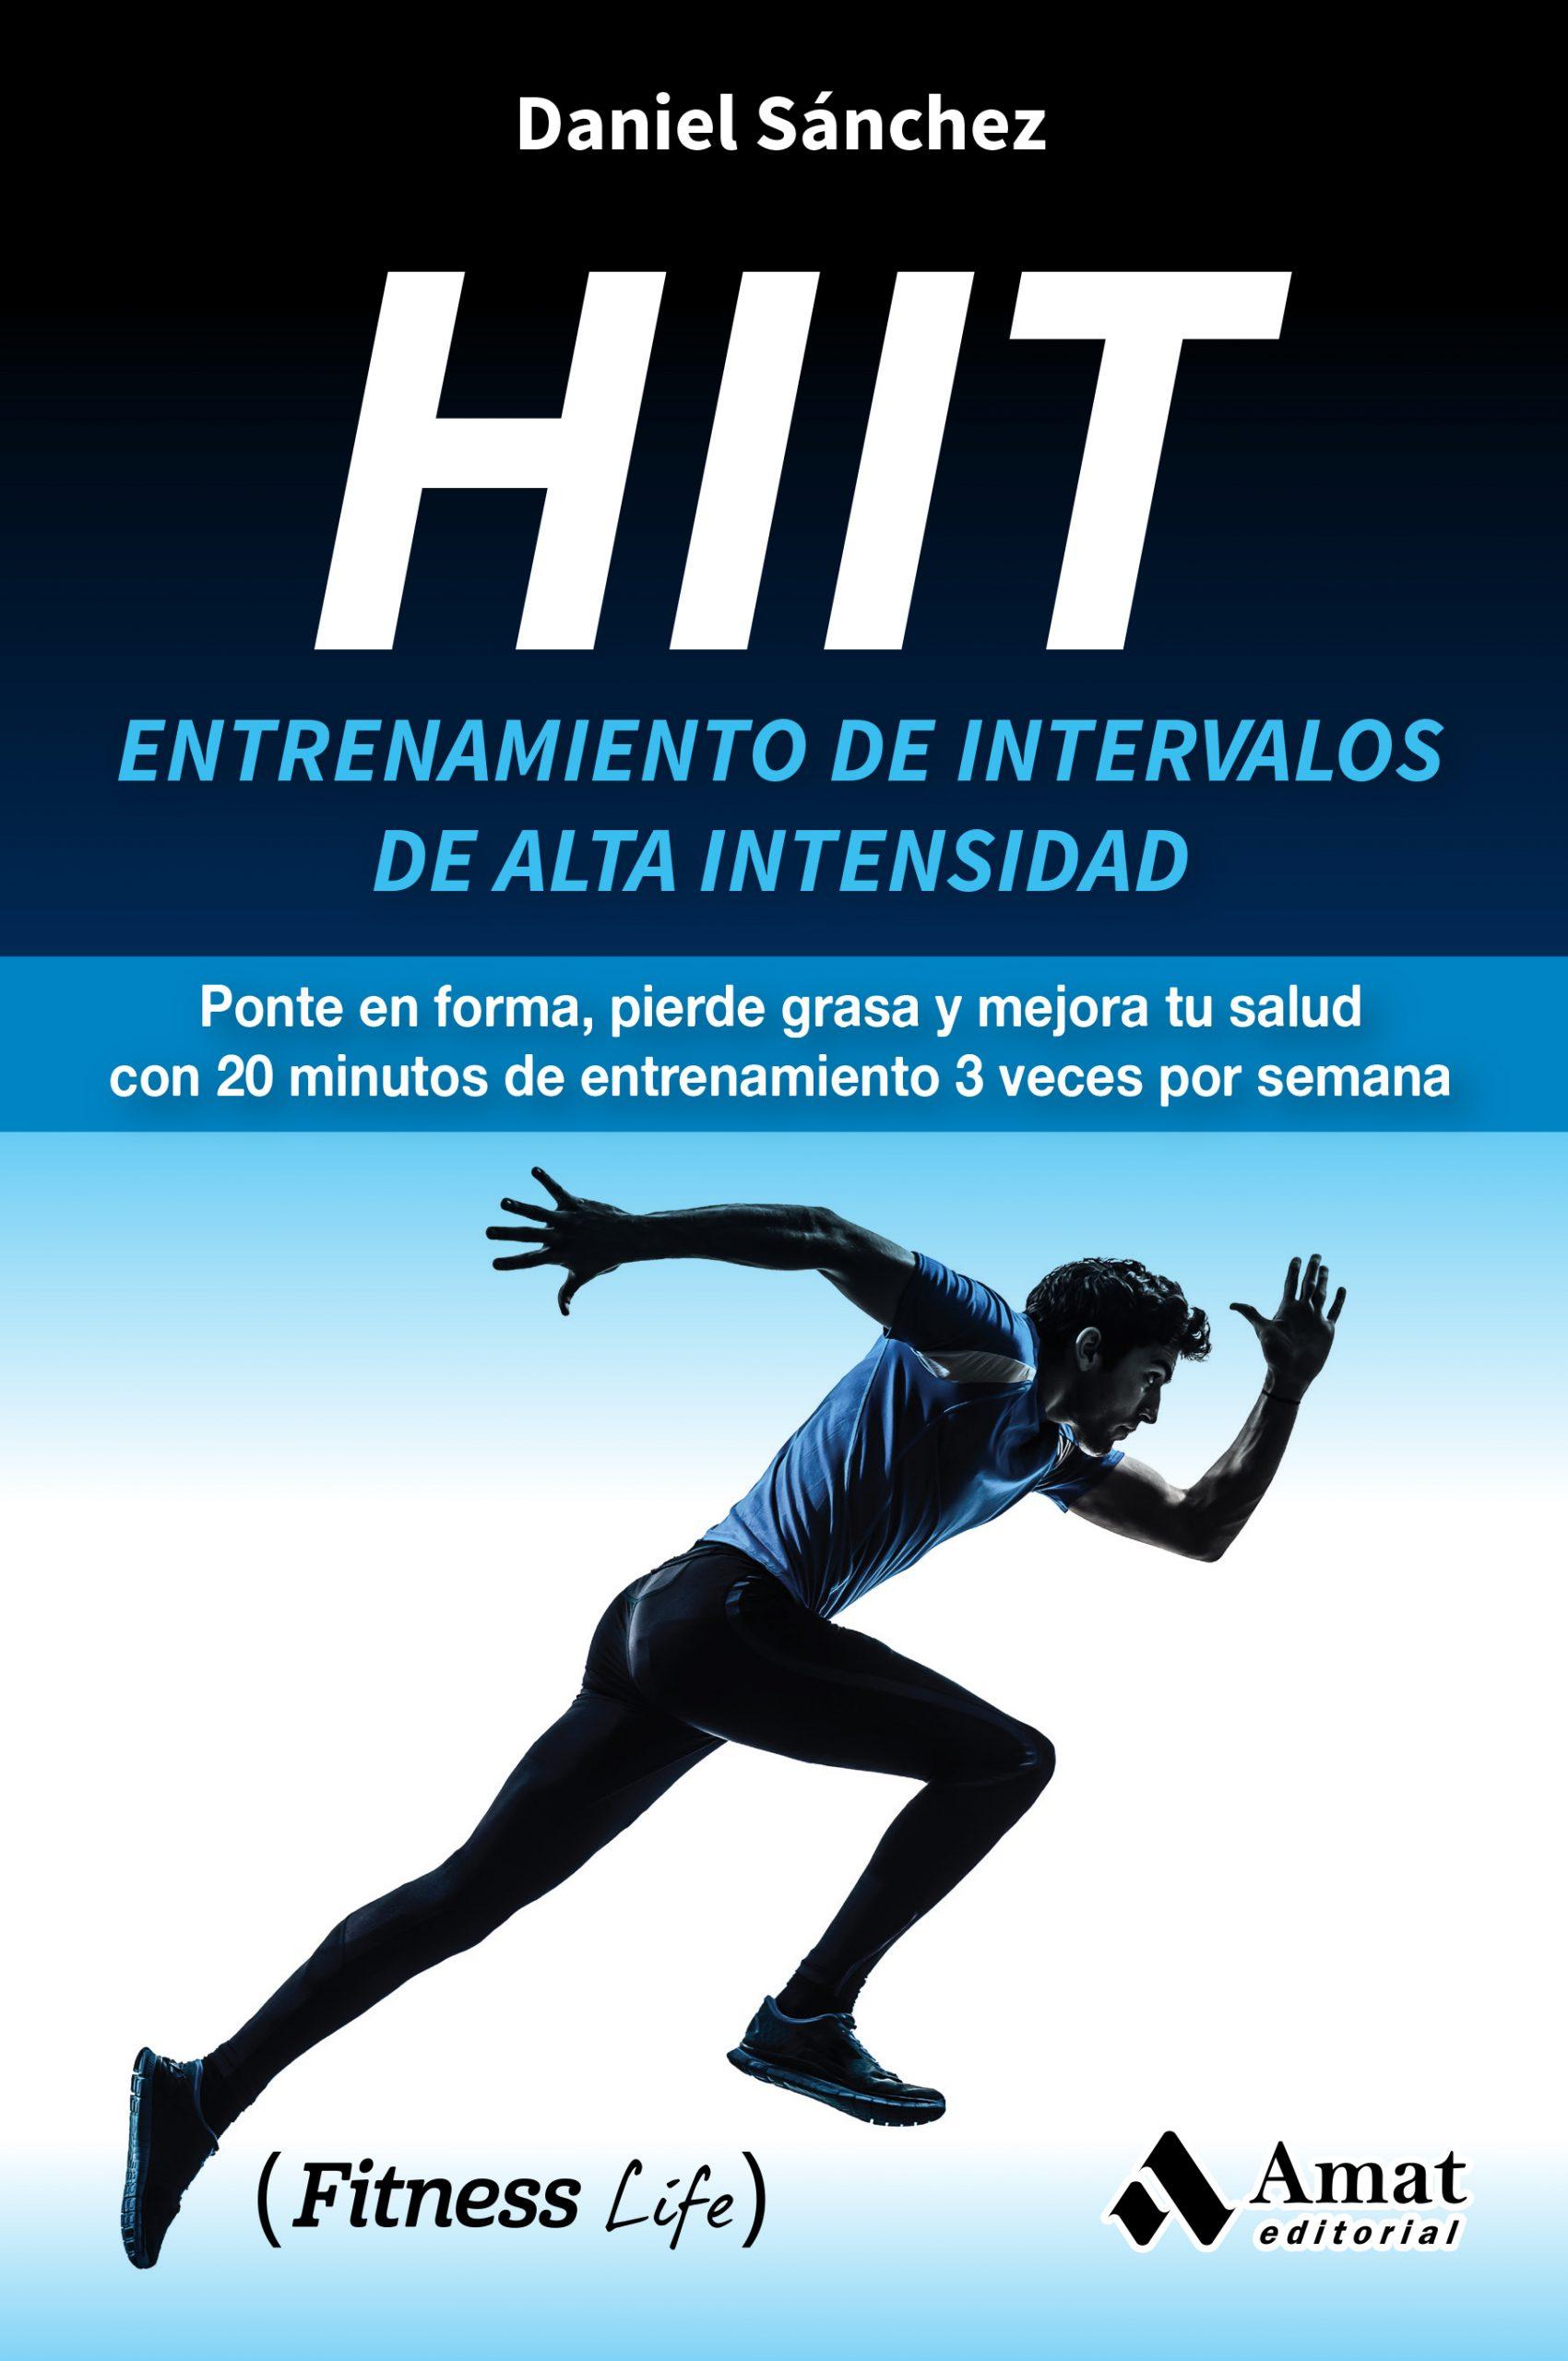 Photo of Ponte en forma con entrenamientos de alta intensidad